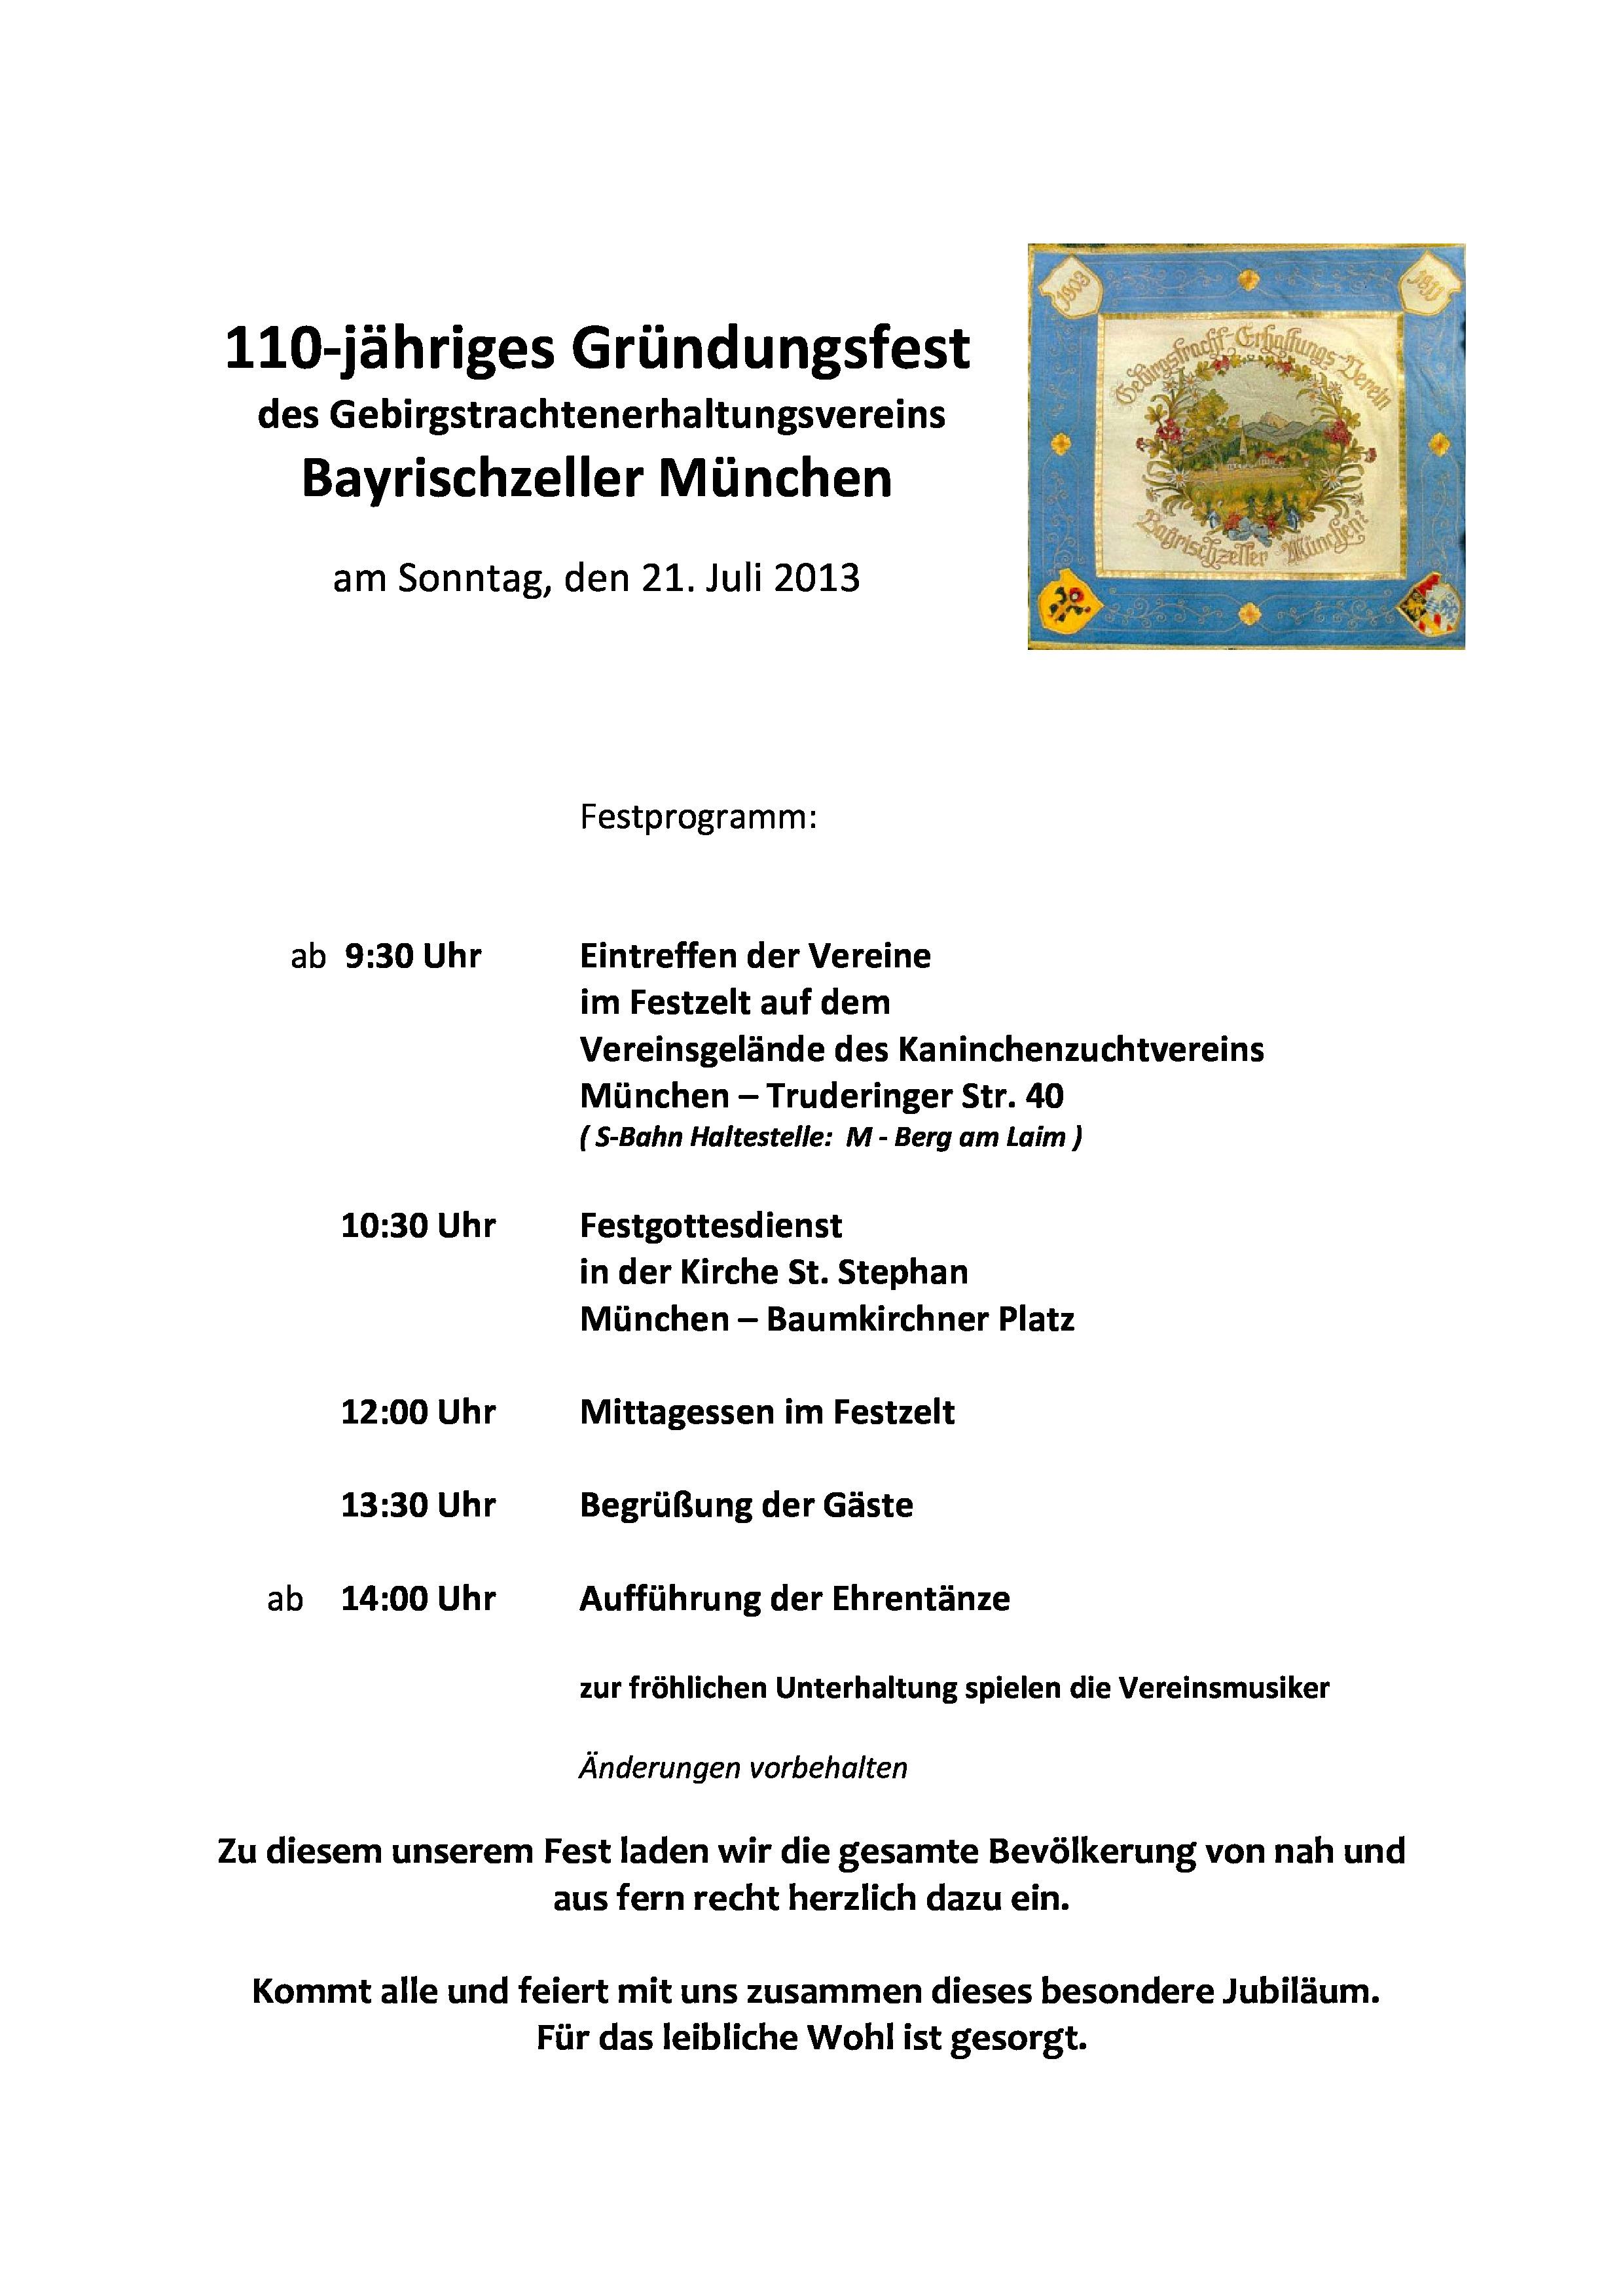 Beitrag GTEV Bayrischzeller München zum 110jährigen Gründungsjubiläum-page-0